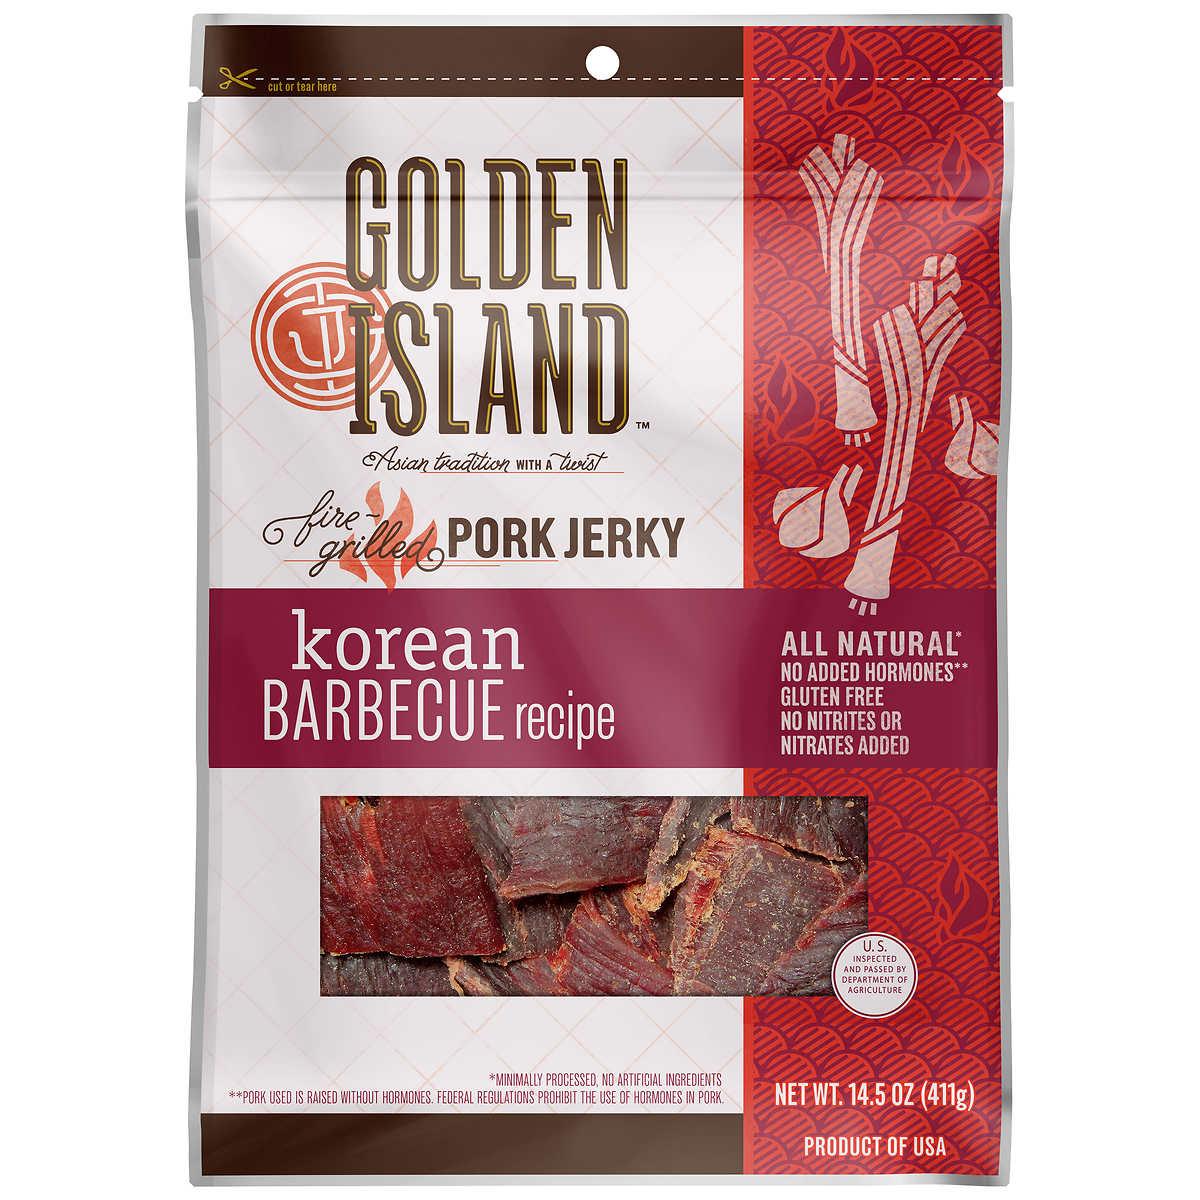 Golden Island Korean Barbecue Pork Jerky 14 5 Oz